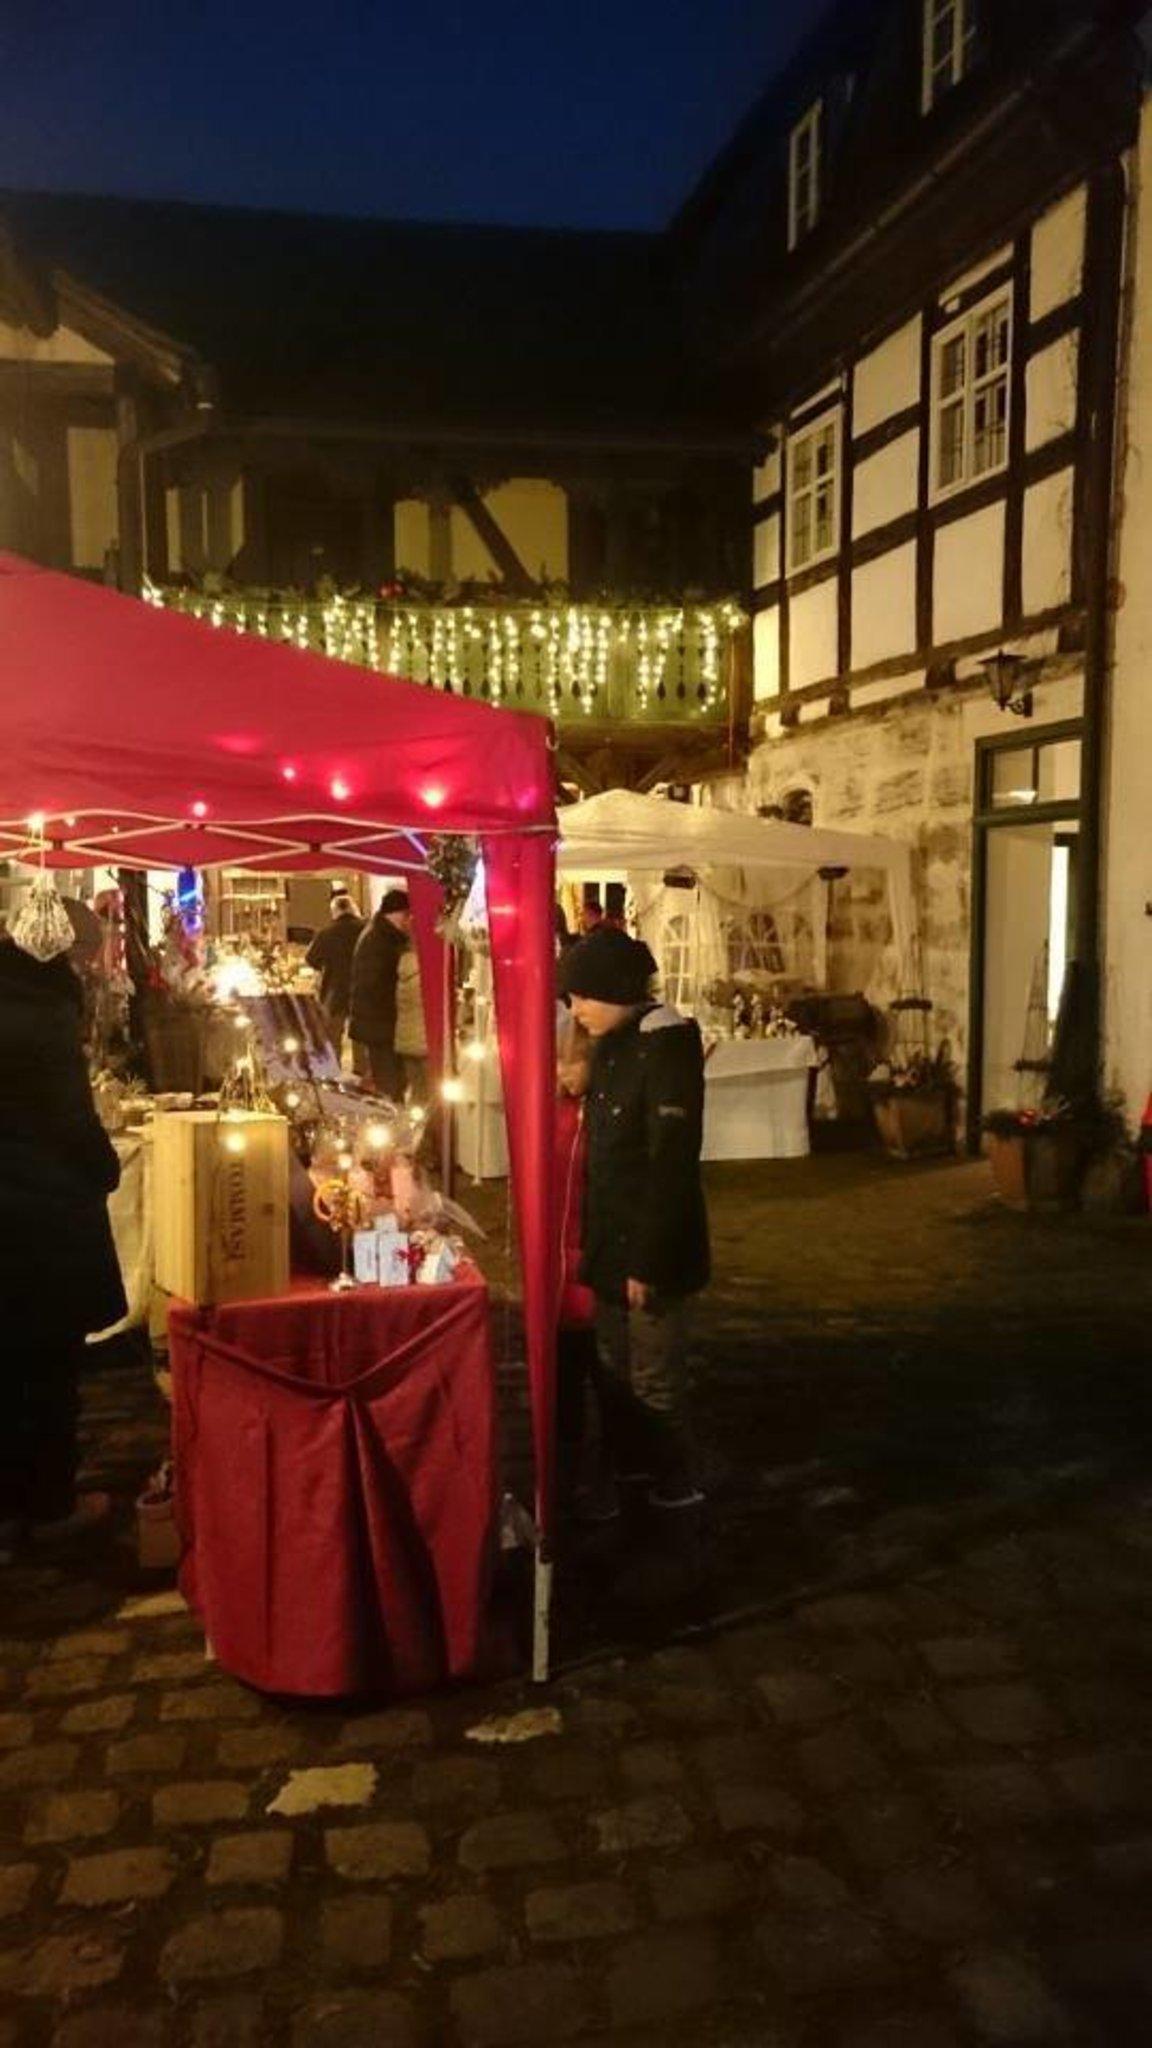 Romantischer Weihnachtsmarkt Im Hotel Und Restaurant Der Schwan